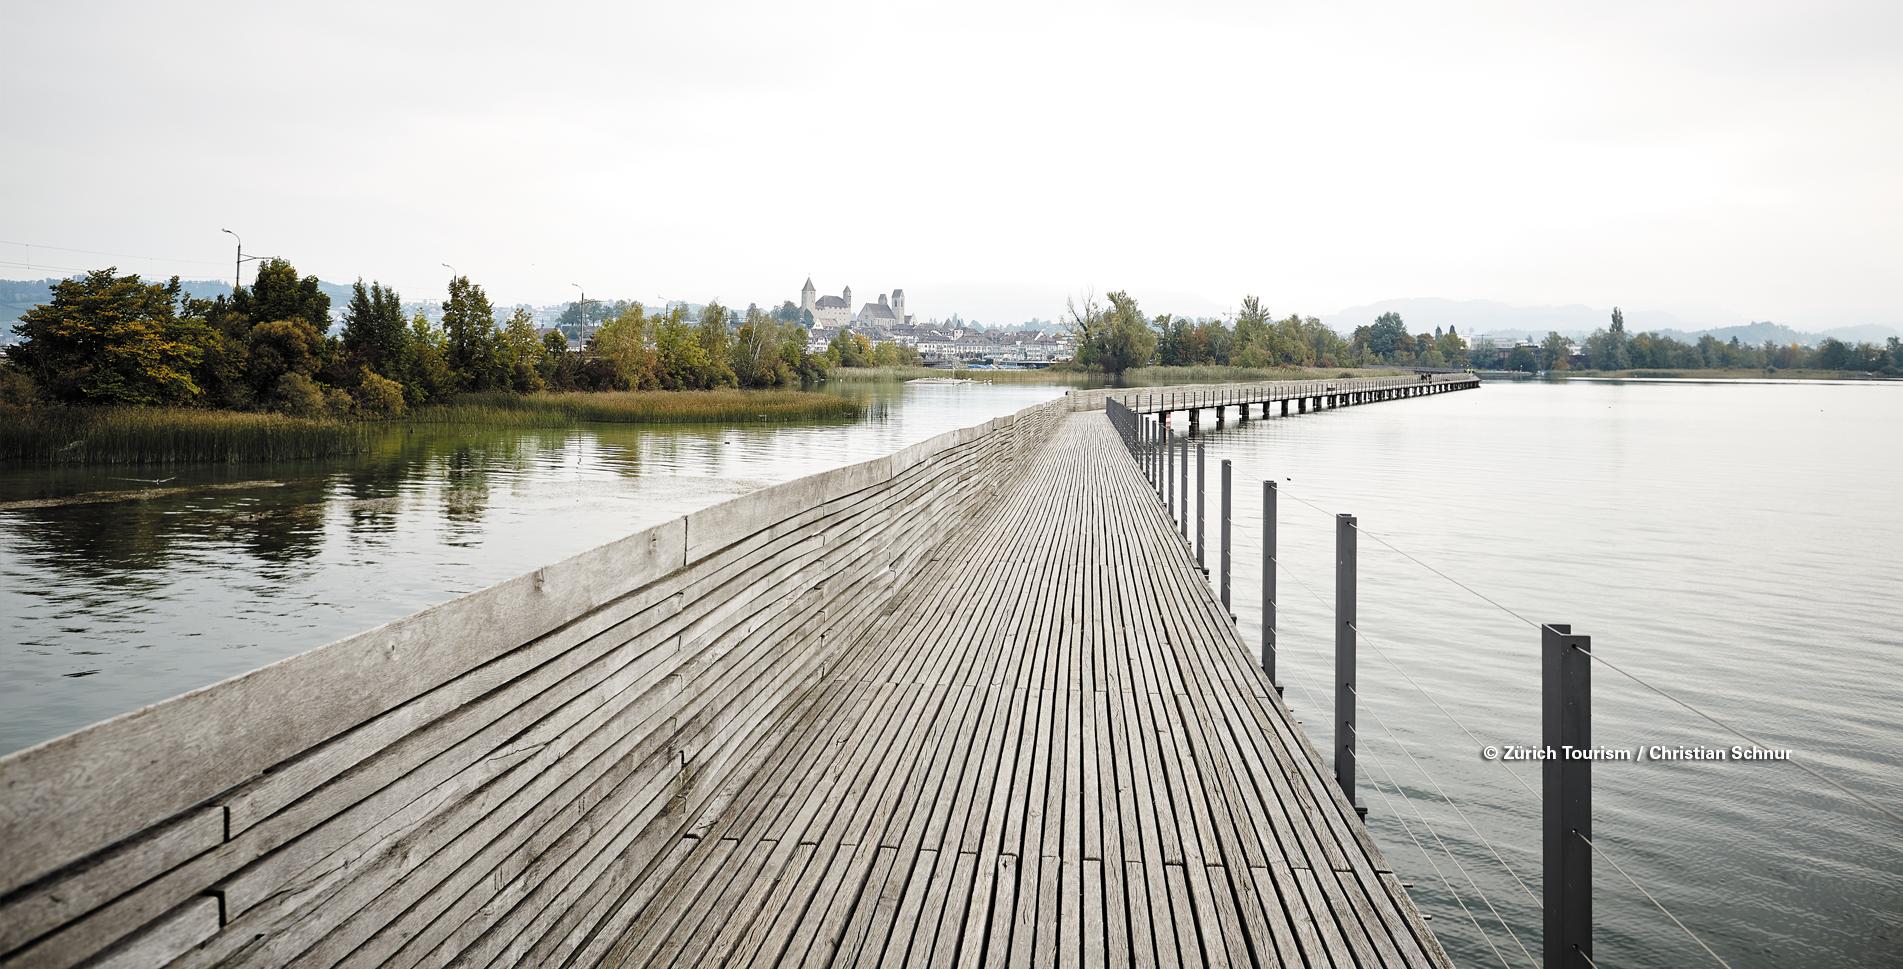 Wanderung entlang dem Seeuferweg am schönen Zürichsee von Wädenswil via Richterswil, Bäch, Freienbach, Pfäffikon SZ, Hurden und über den Holzsteg / die Holzbrücke auf dem Seedamm nach Rapperswil